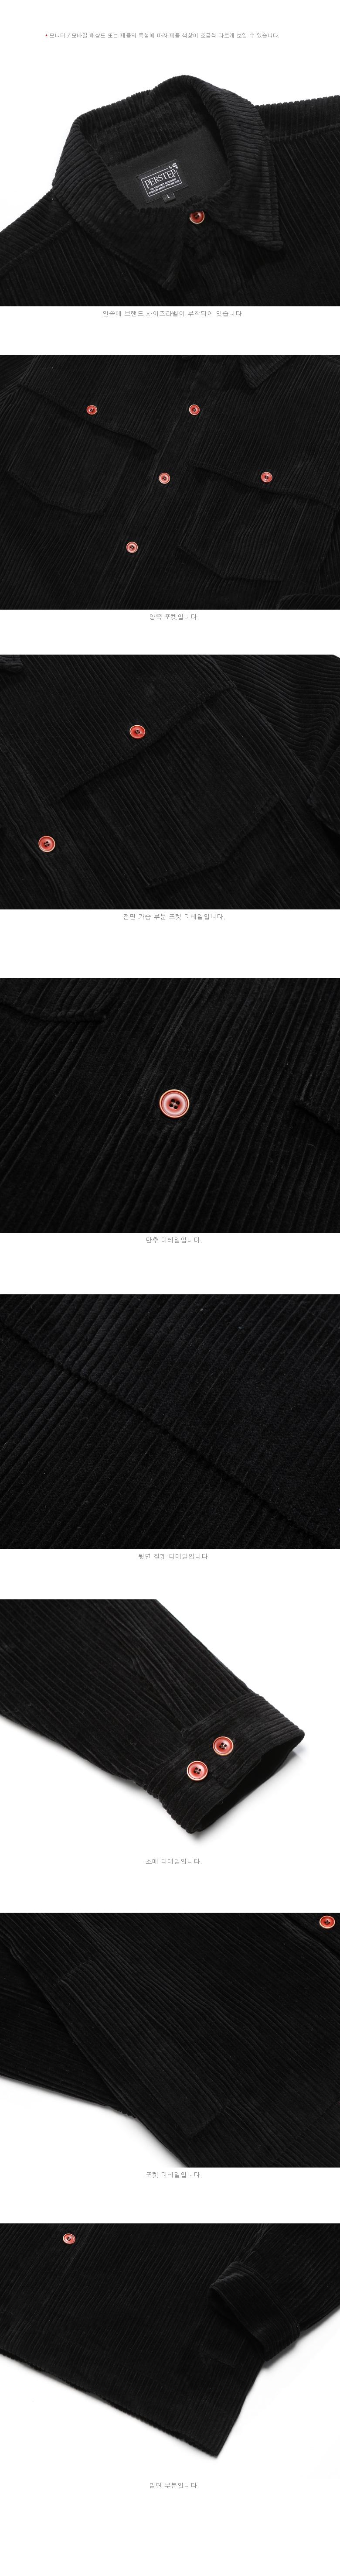 4277_detail_black_ms_02.jpg